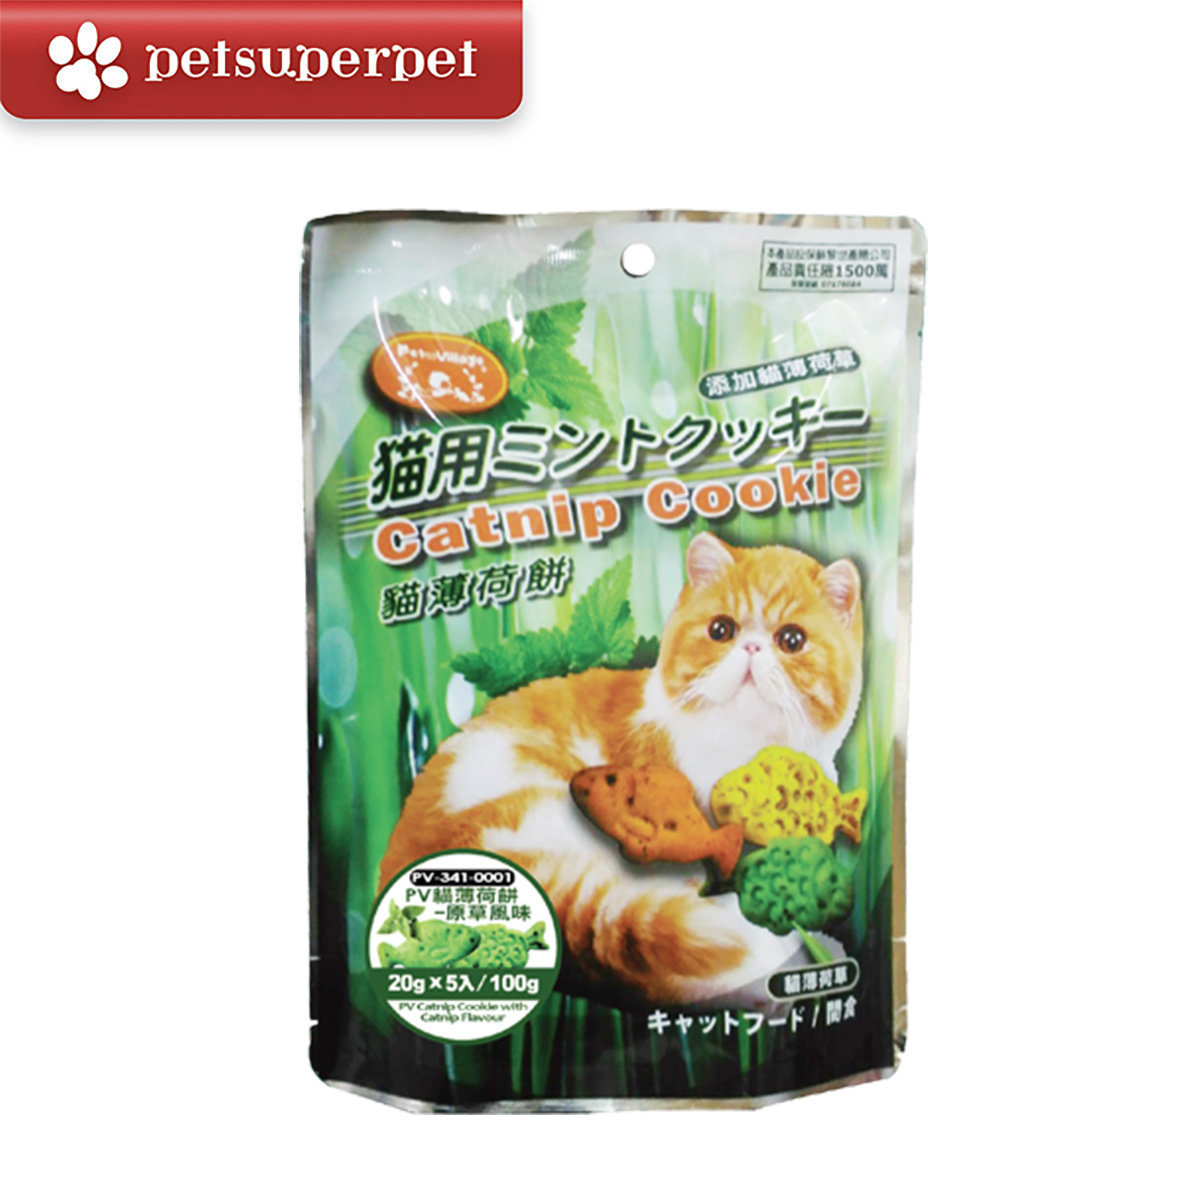 Cat Treat Catnip Cookie 20gX5pcs